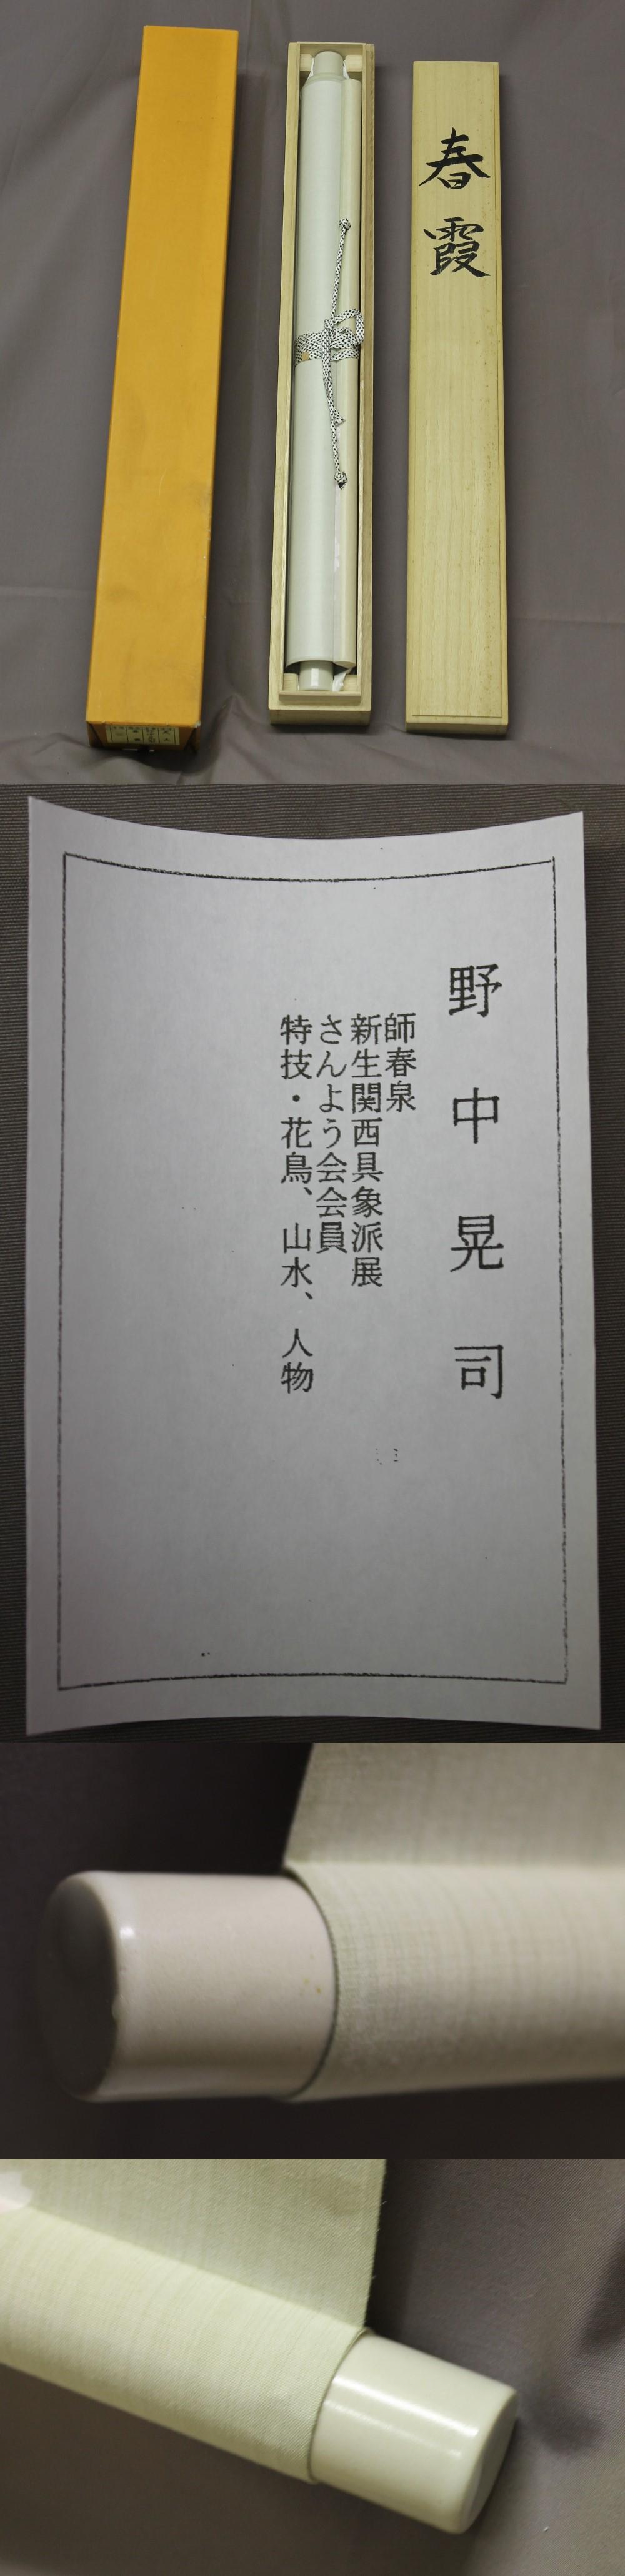 257春霞中野晃司1